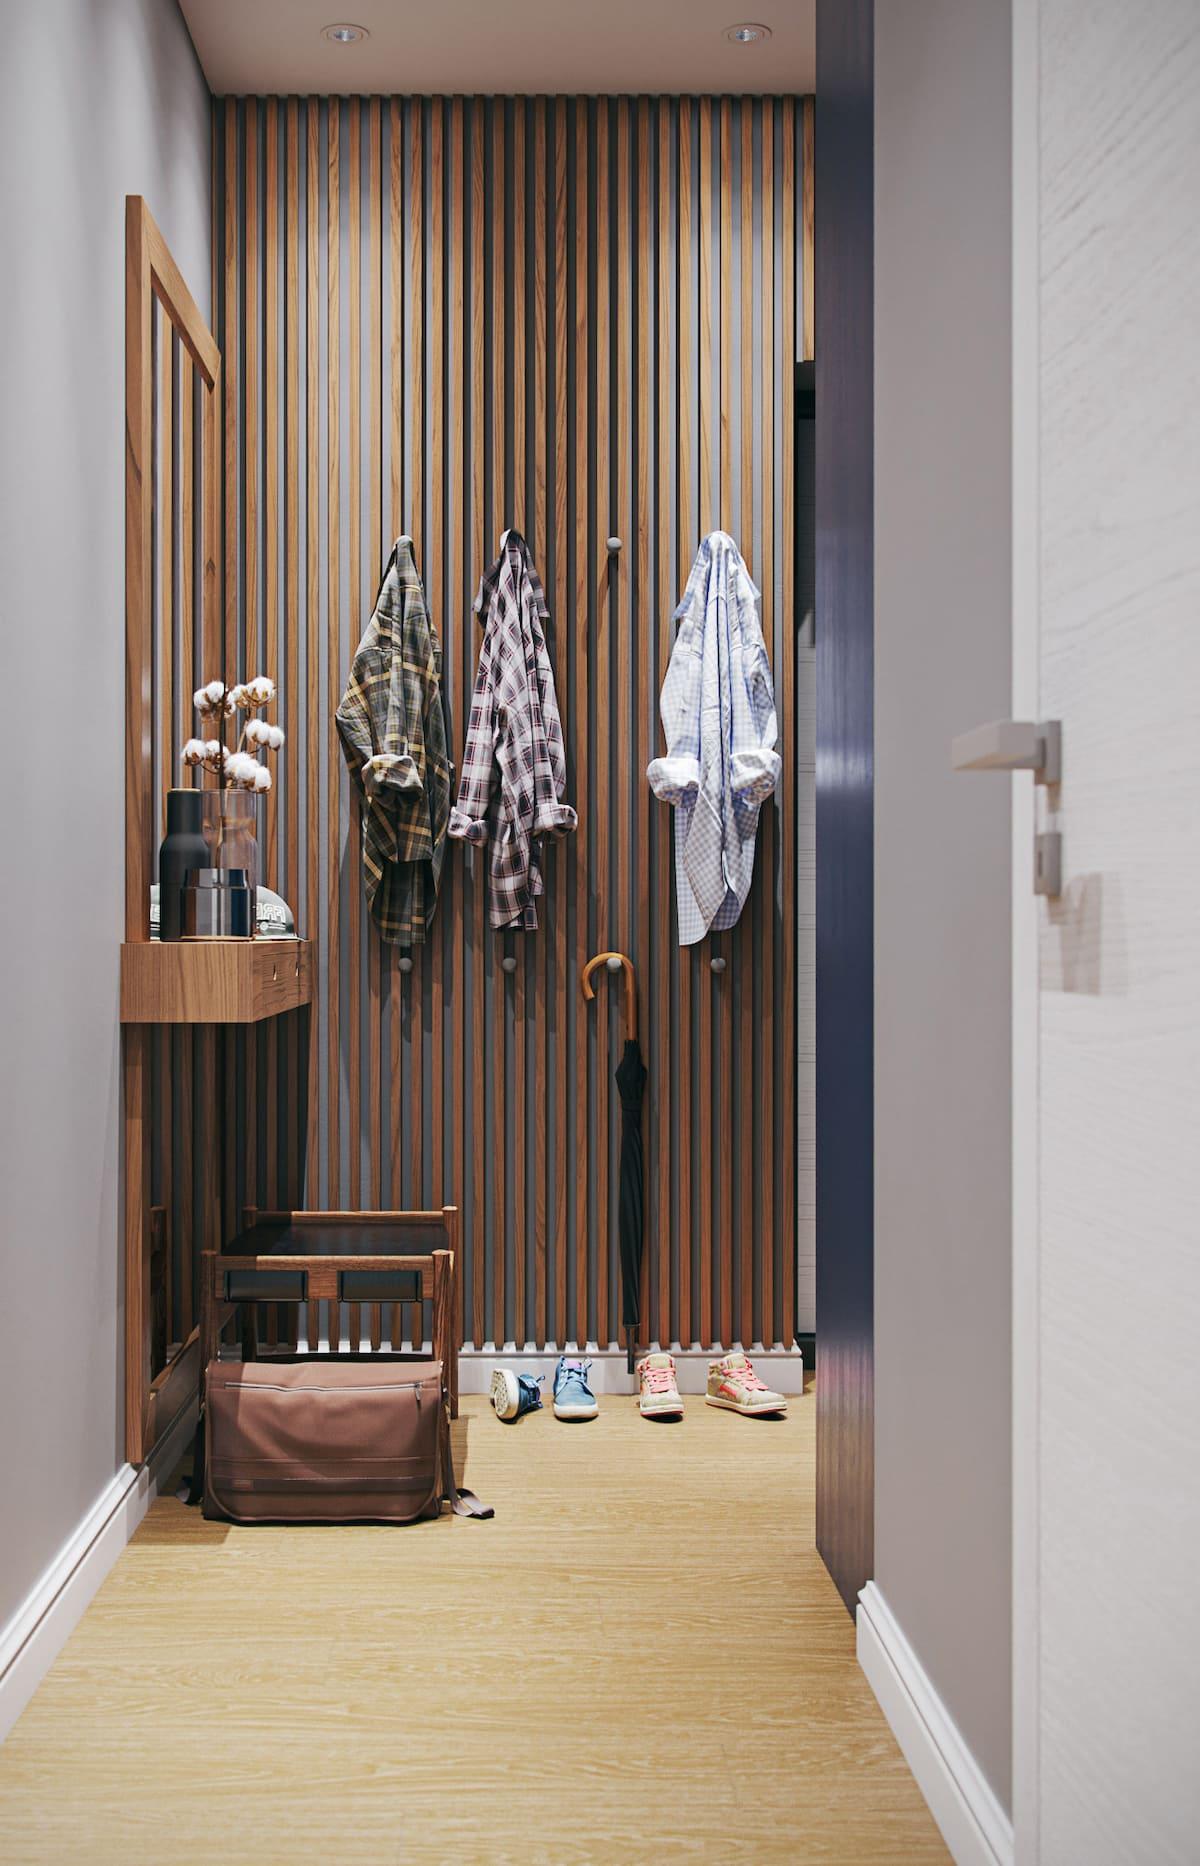 design d'intérieur couloir photo 32